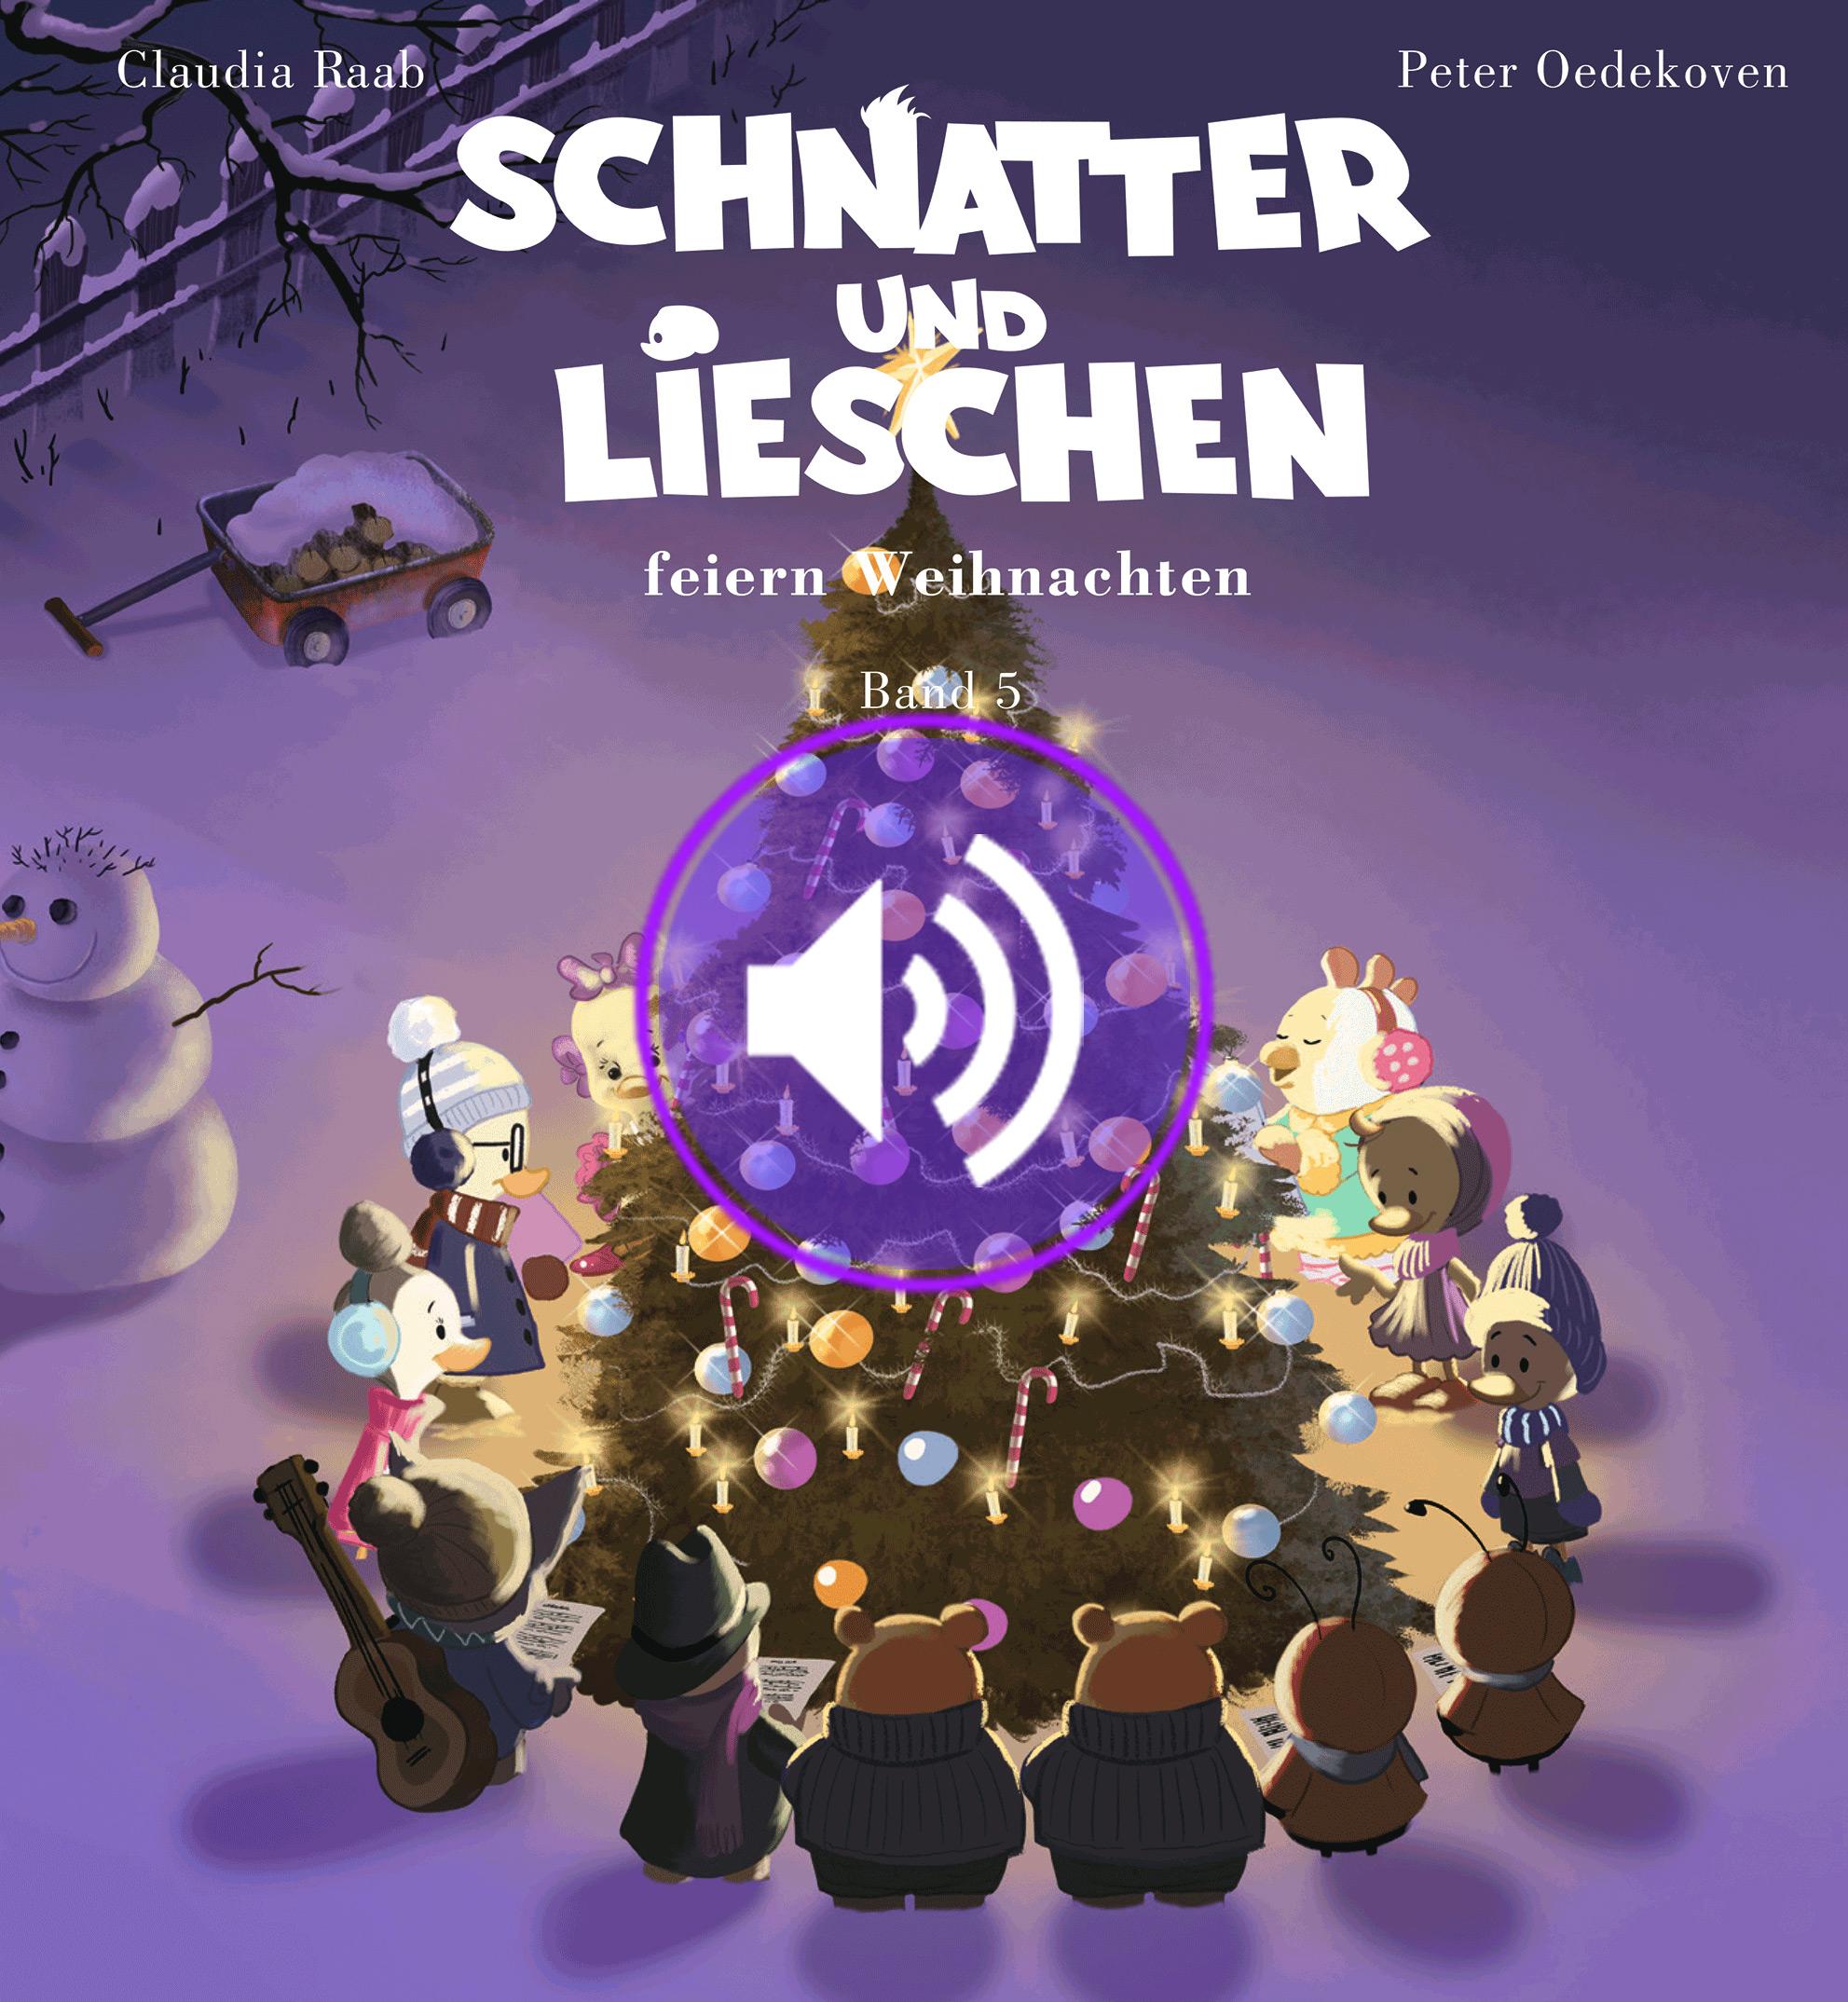 Hörbuch Weihnachten.Schnatter Und Lieschen Hörbuch Band 5 Download Schnatter Und Lieschen Buch Cd